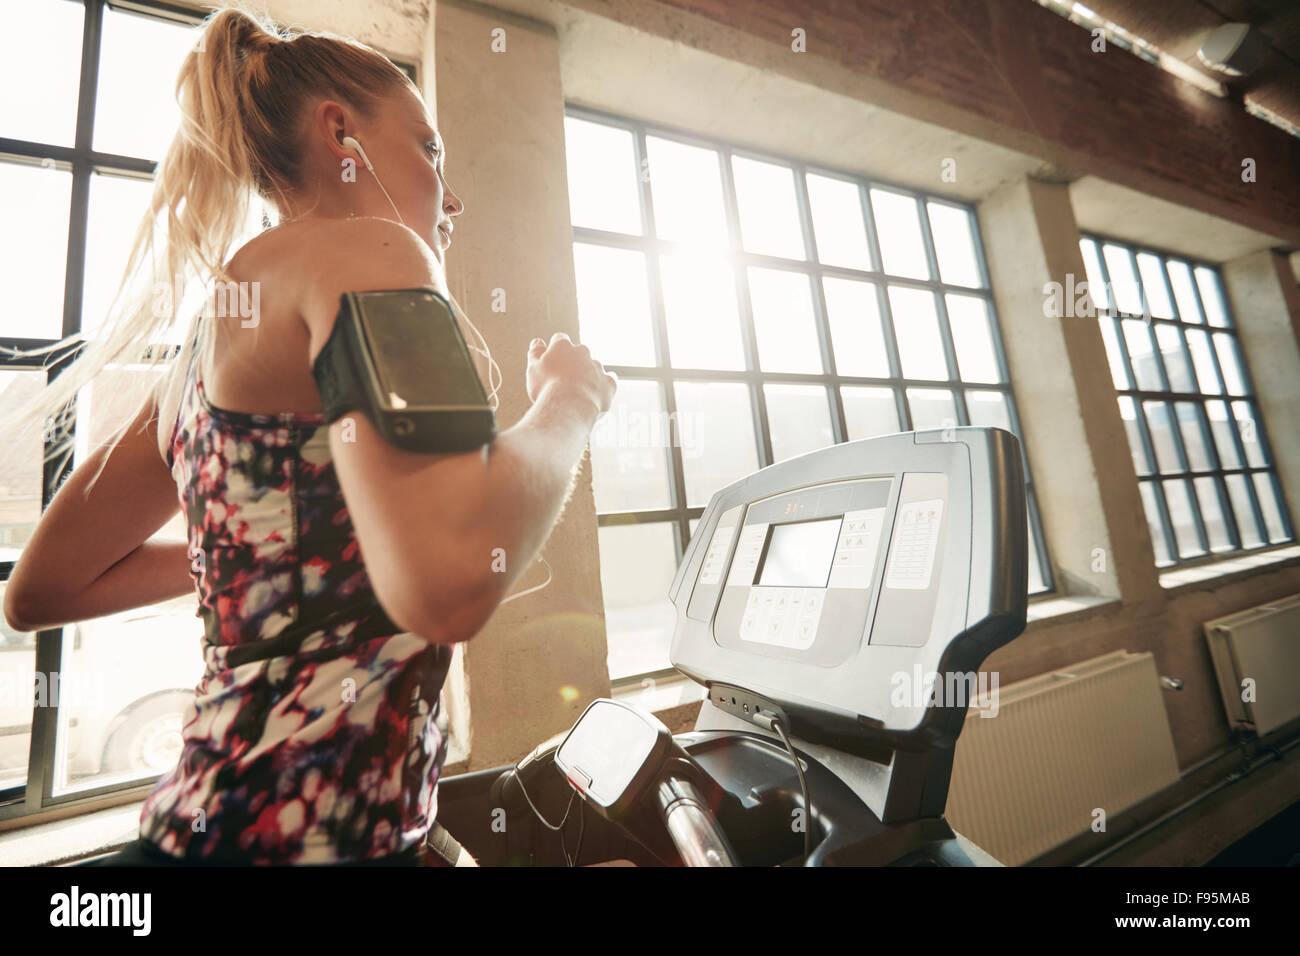 Giovane femmina focalizzato lavorando presso la palestra jogging su un tapis roulant. Donna Fitness facendo esercizio Immagini Stock